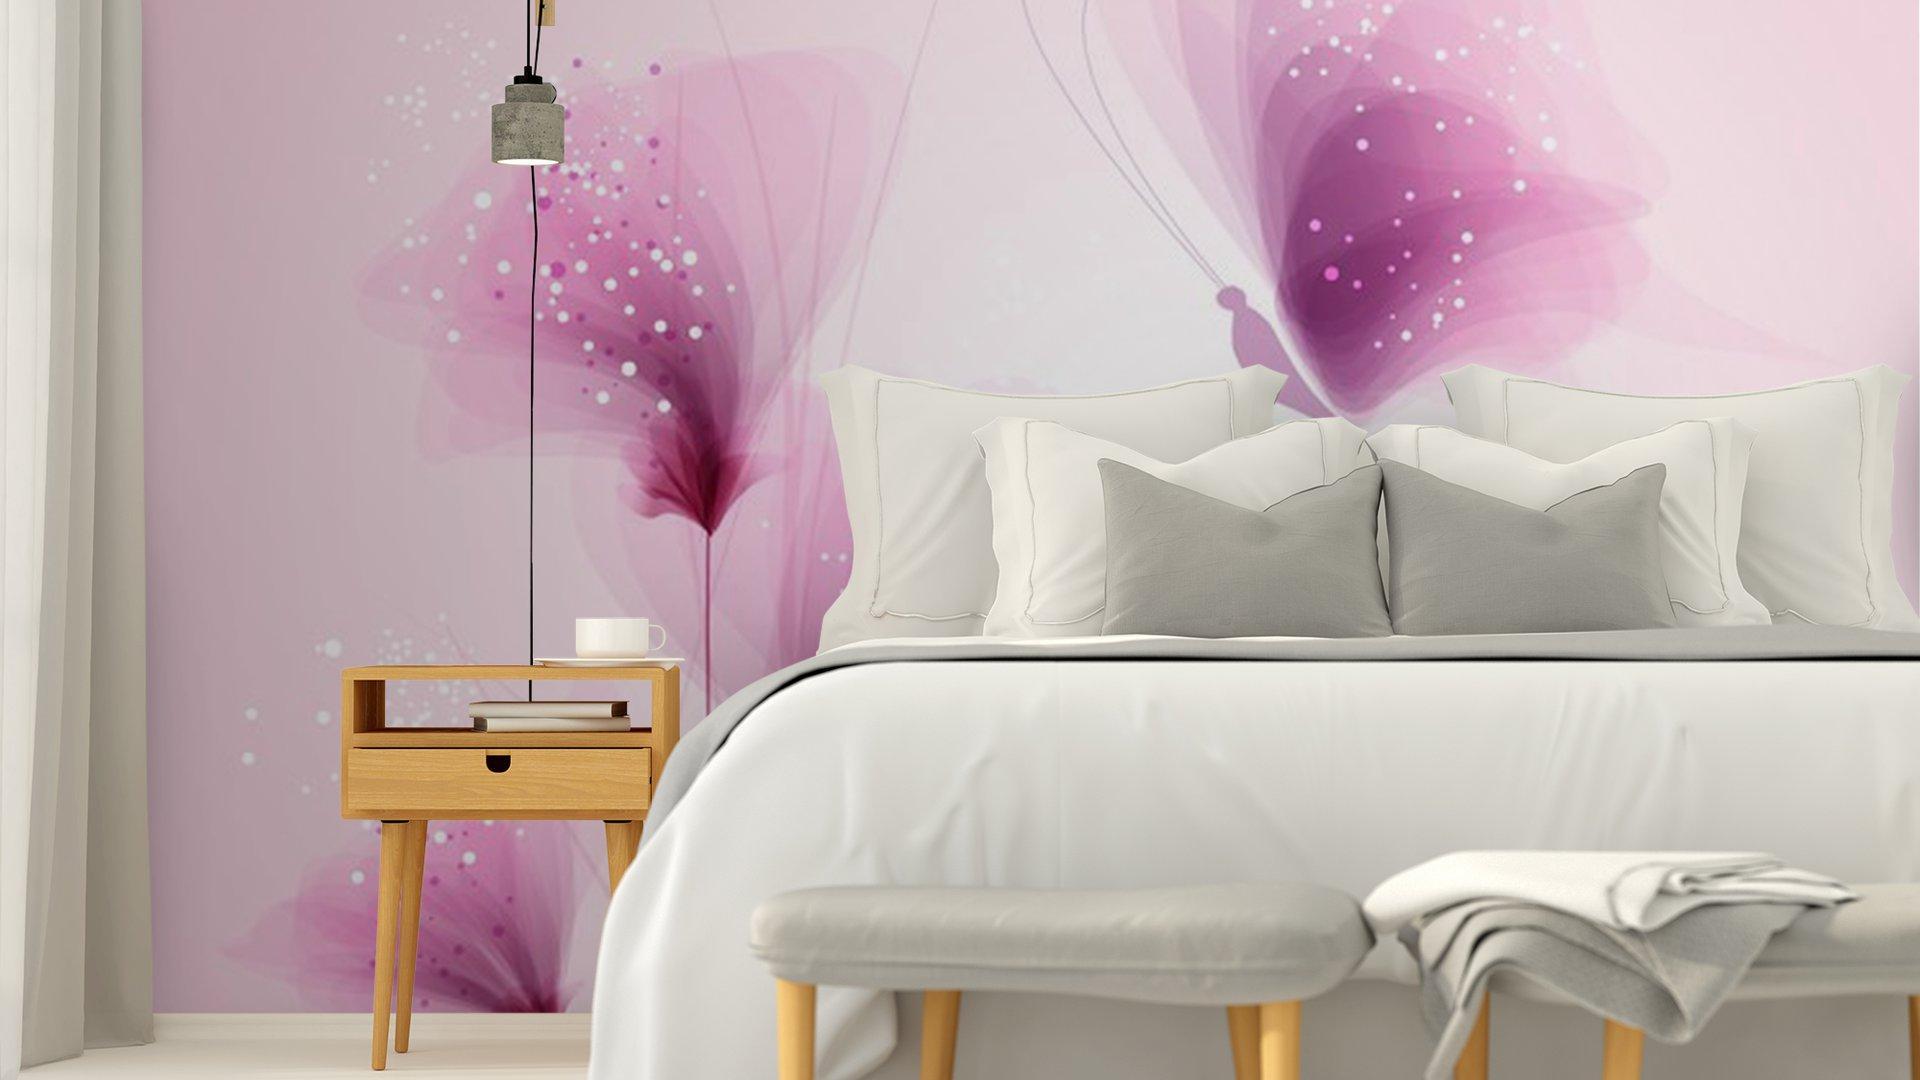 PASTEL DE MARIPOSAS Y FLORES DELICADAS4 - Fotomural Tapiz Mariposas y Flores Color Pastel